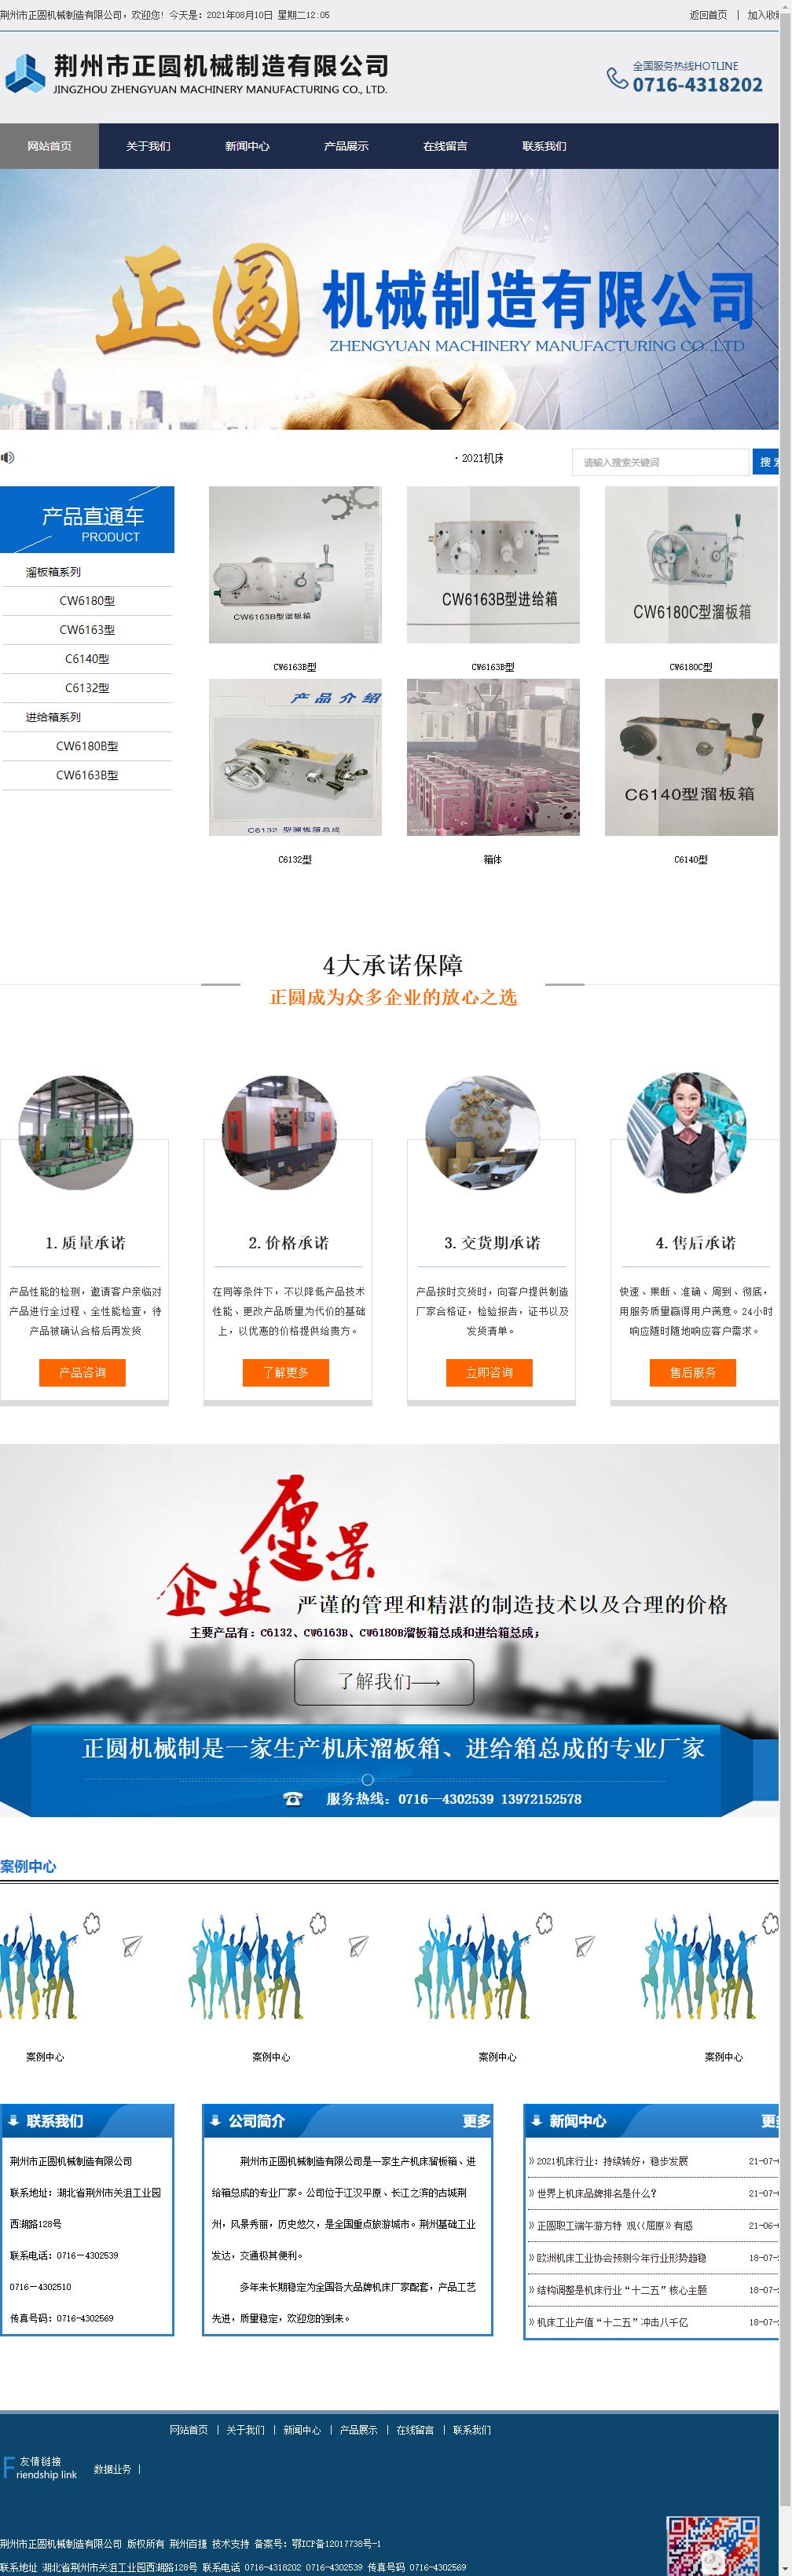 荆州市正圆机械制造有限公司网站案例